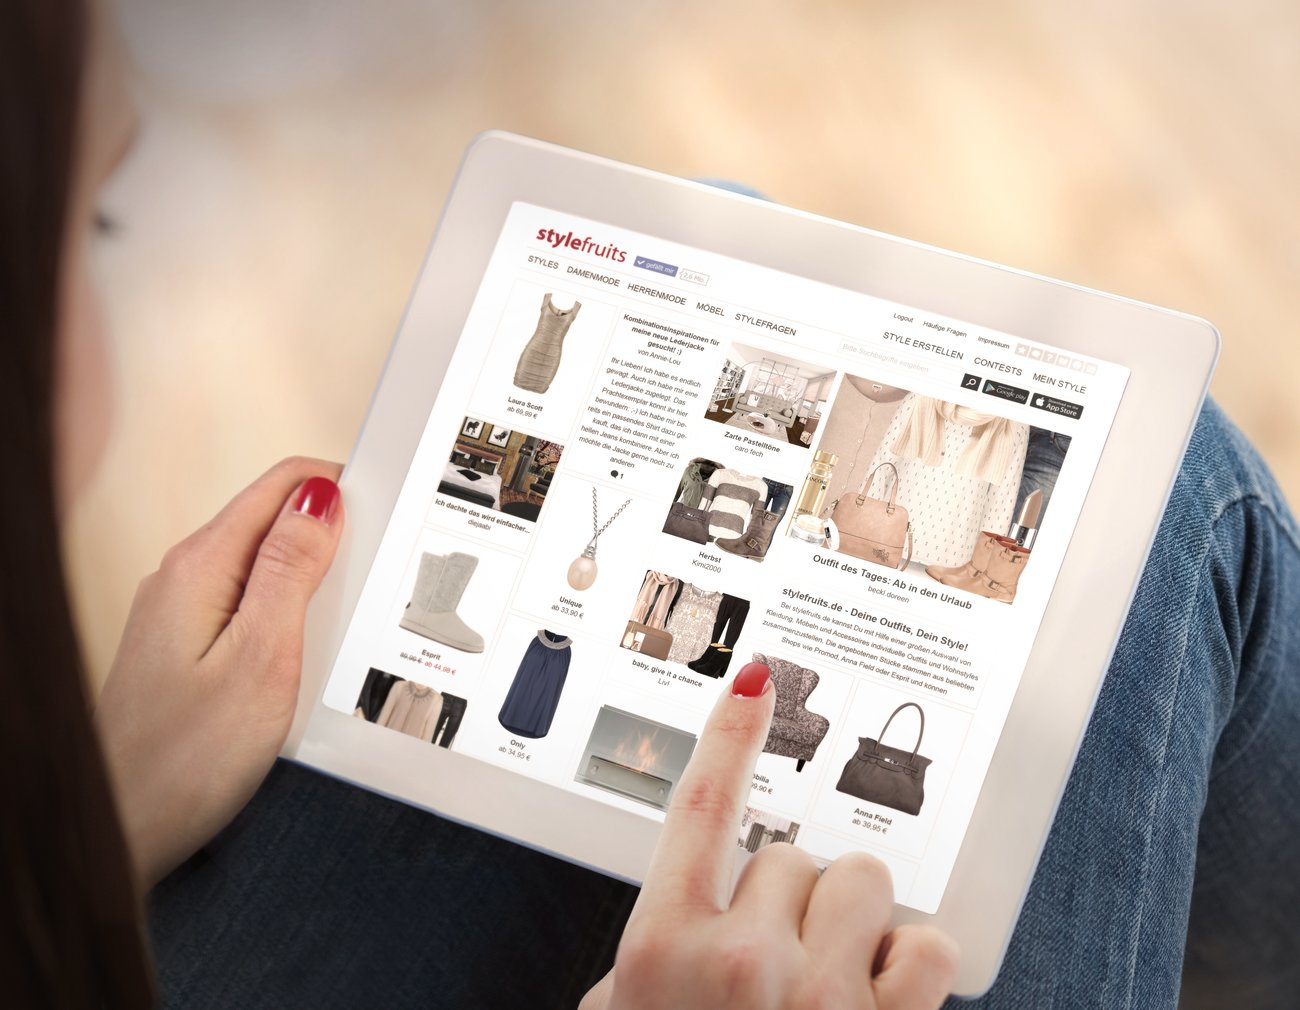 Stelle Dir Dein Lieblings-Outfit zusammen und bestelle es gleich im jeweiligen Onlineshop.